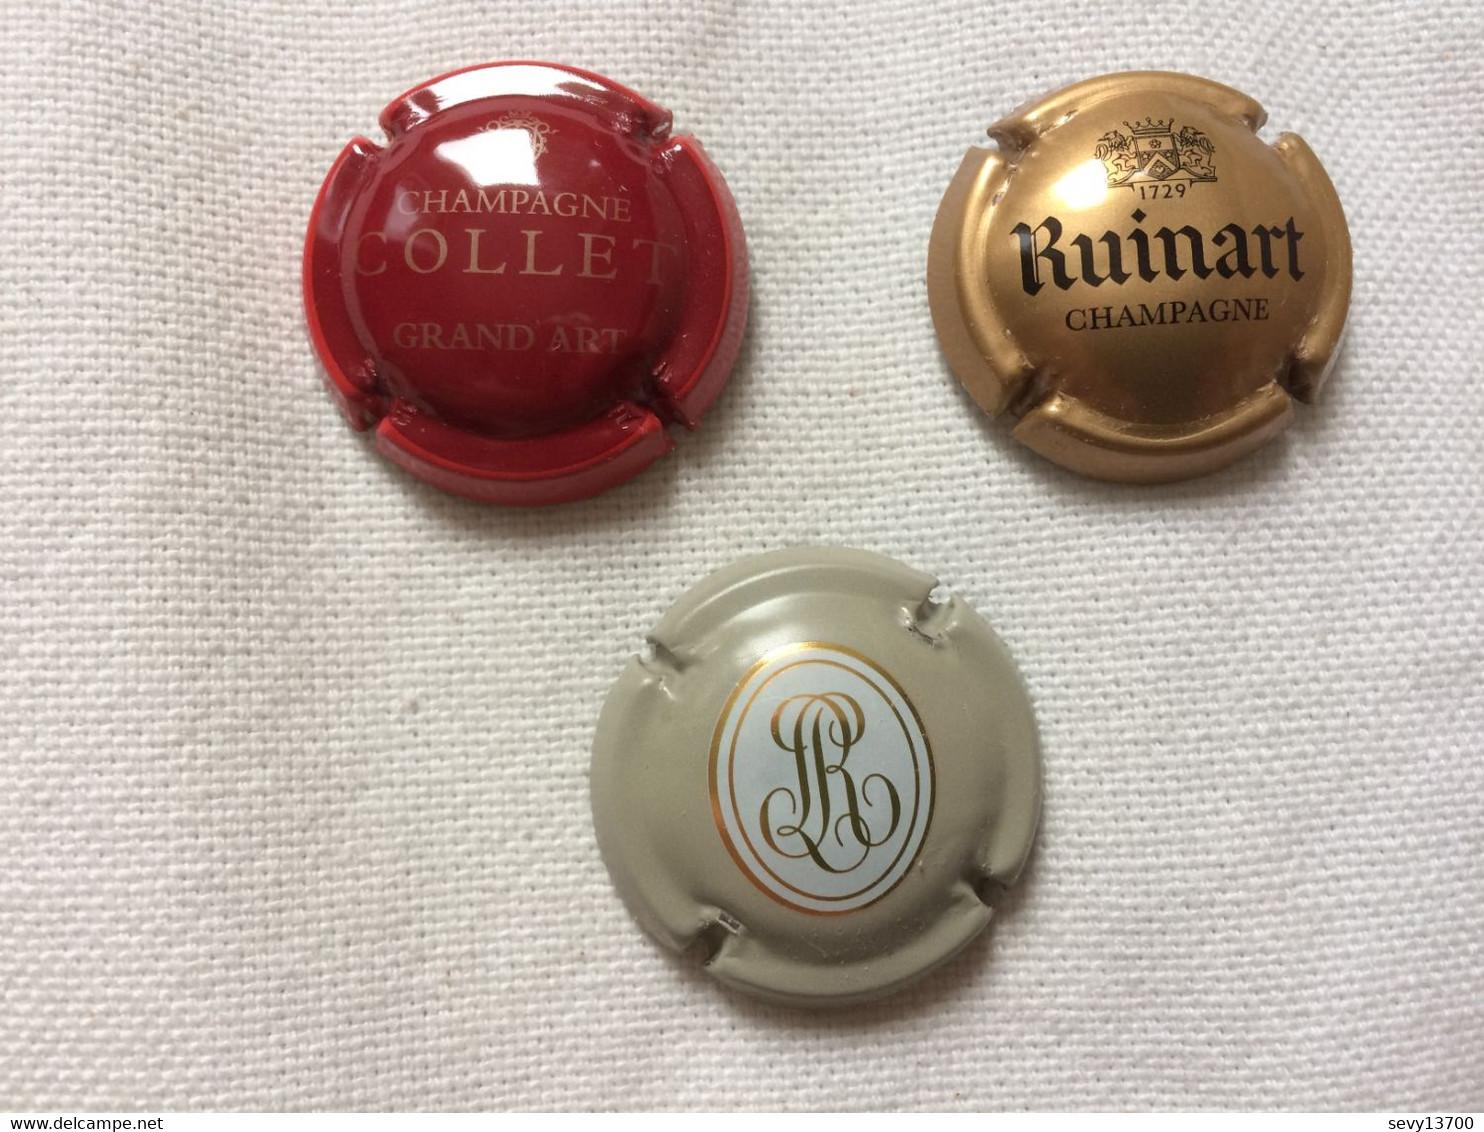 6 Capsules De Champagne - Ruinart - Collet Grand Art - Brice - Otros